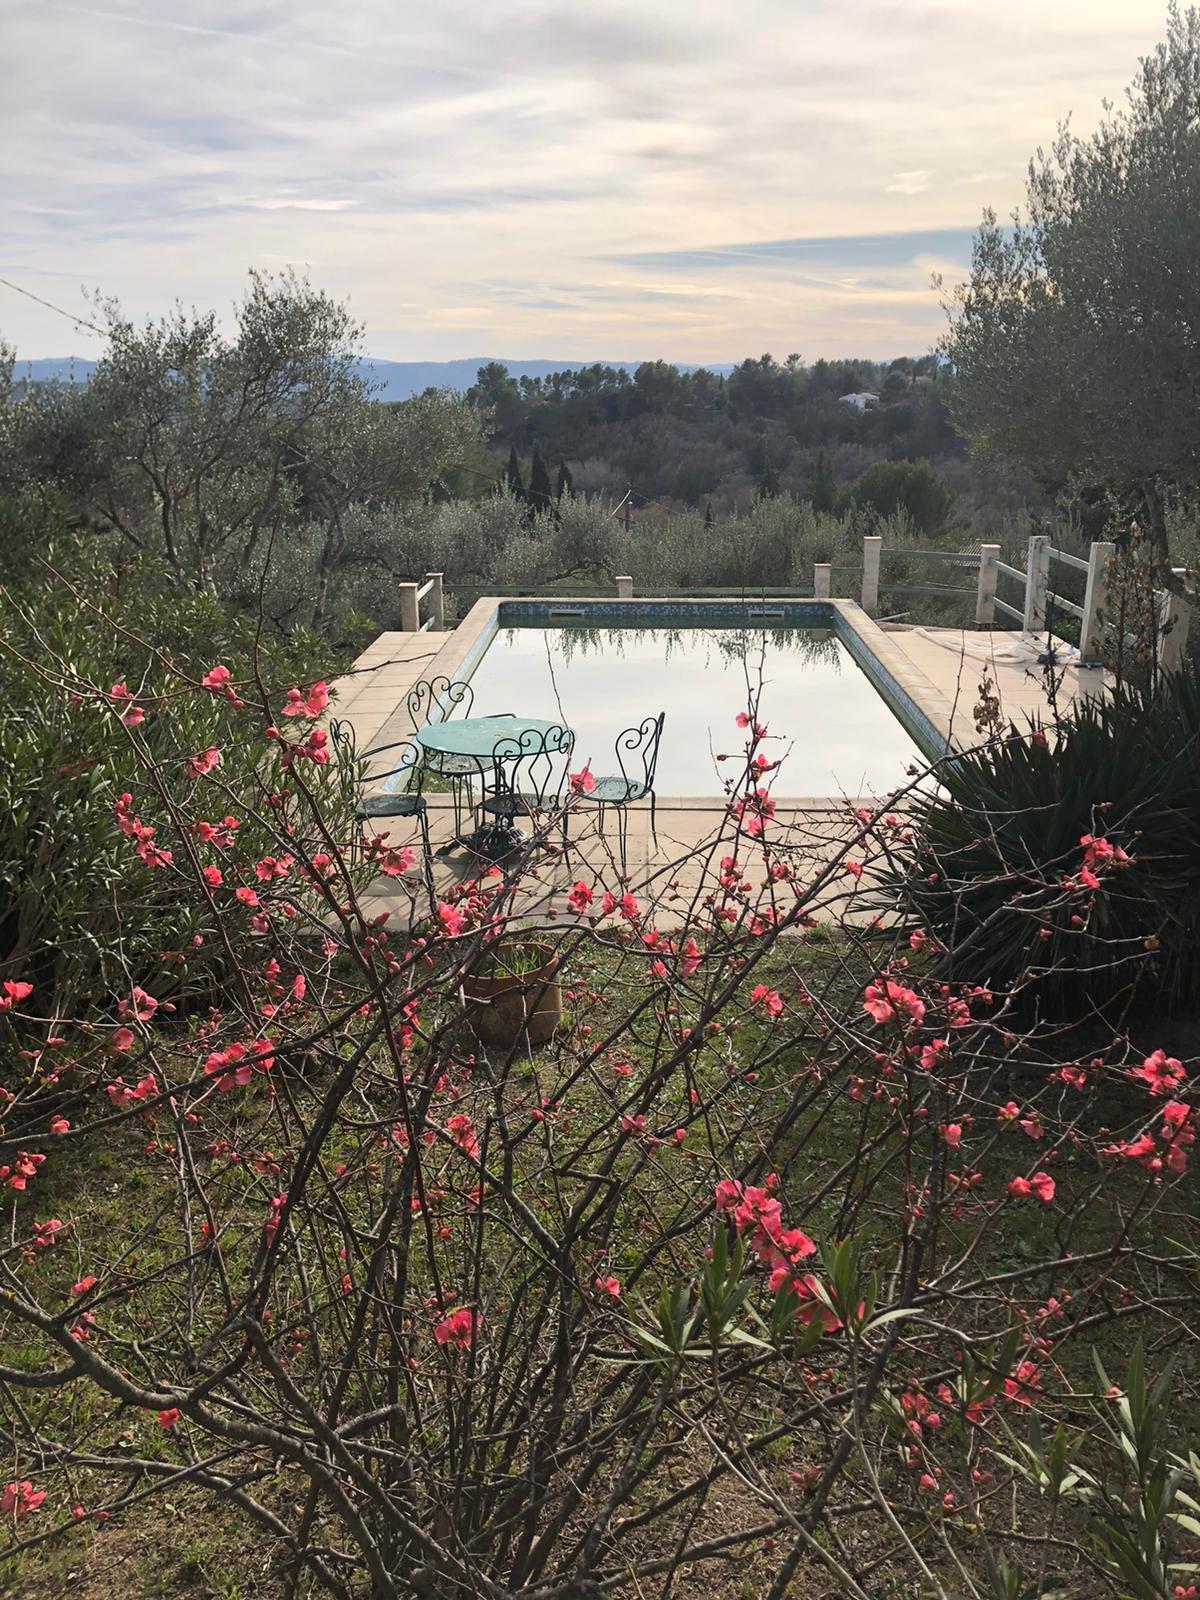 COTIGNAC Villa 4 chambres, terrain clôturé, piscine et vue dégagée. A 10 mins à pied du centre village